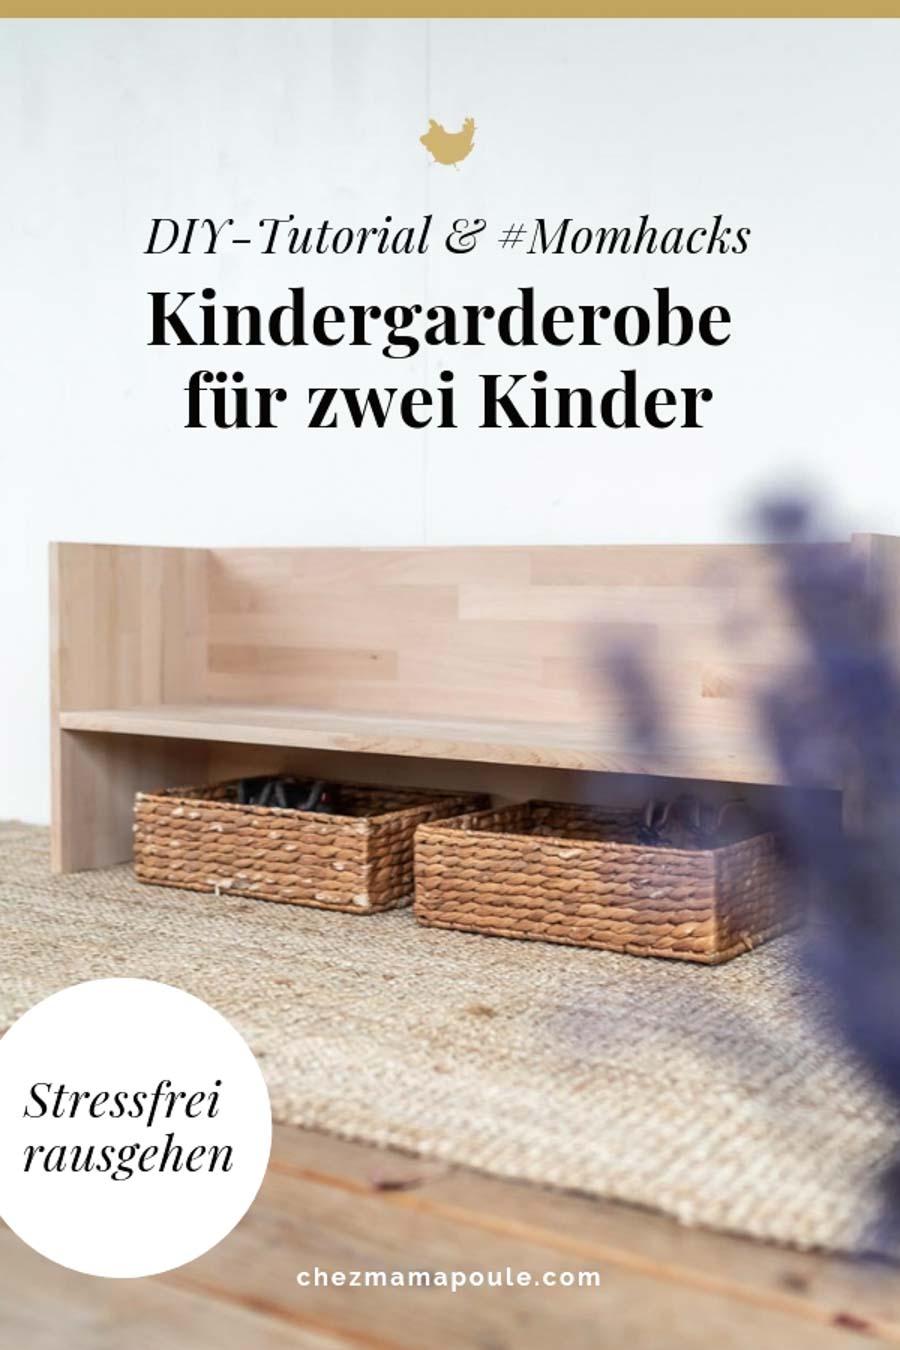 Raus in 5 Min? Und zwar ohne Stress? Diese Kindergarderobe hilft kleinen Kindern, sich selbständig anzuziehen. Momhacks zum Alltag mit zwei Kindern und ein DIY-Tutorial für die Garderobe & Garderobenleiste gibt es bei: www.chezmamapoule.com #diy #berlinerhocker #flur #selbermachen #holz #wenigplatz #diyidee #möbel